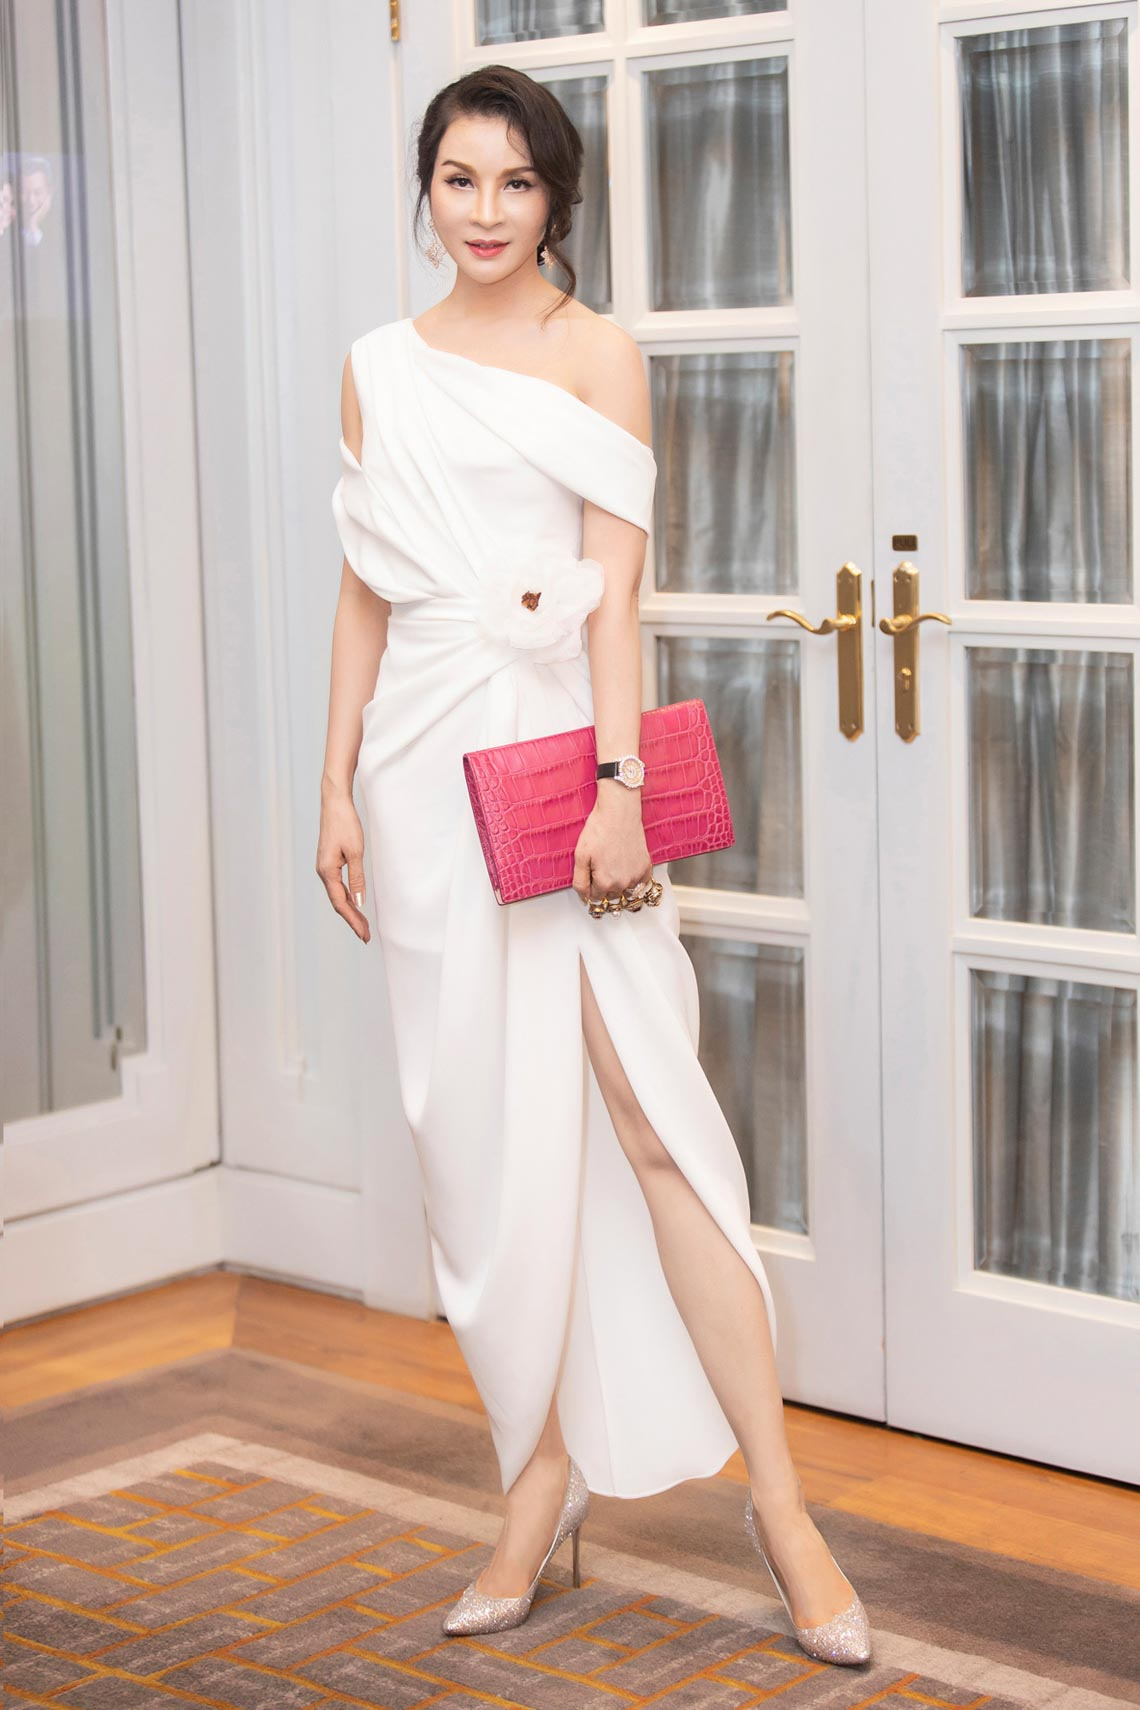 Dàn mỹ nhân diện trang phục trắng tinh khôi của NTK Đỗ Mạnh Cường - 8